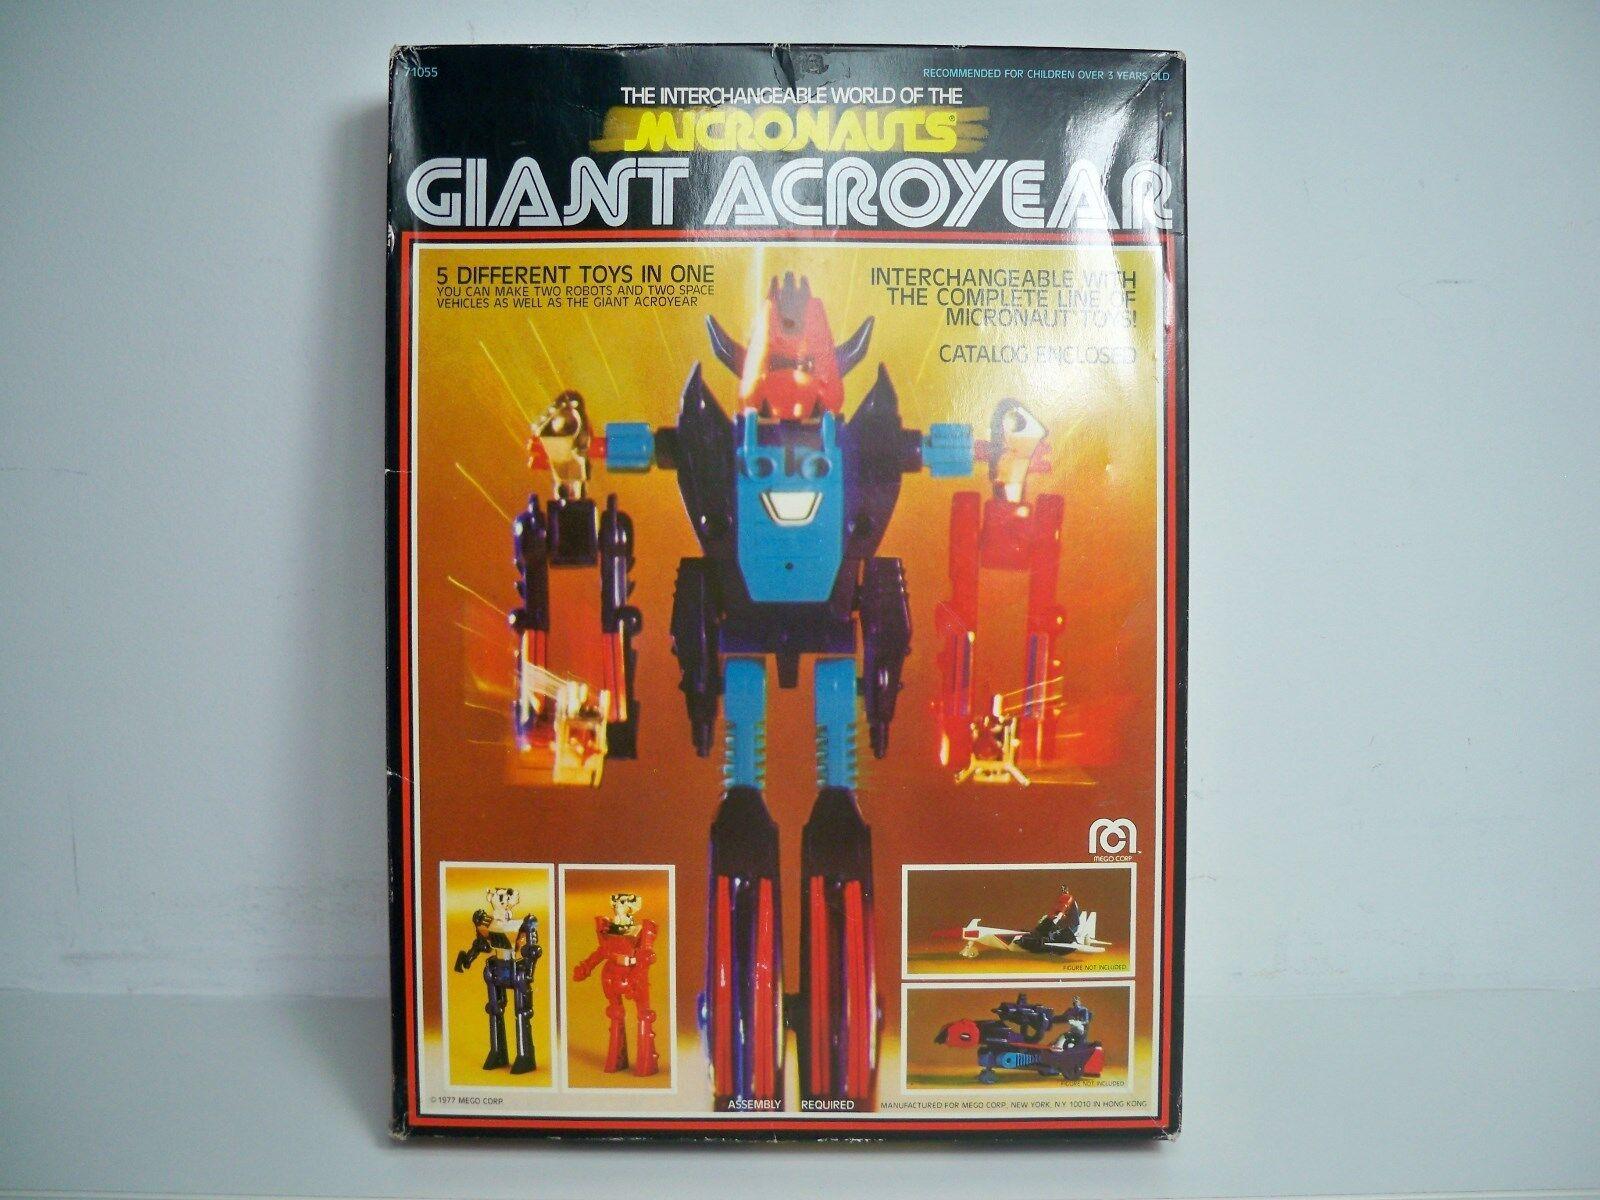 D1034 Gigante ACROYEAR Suelto C  Caja Instrucciones 100% Completo Mego Micronauts